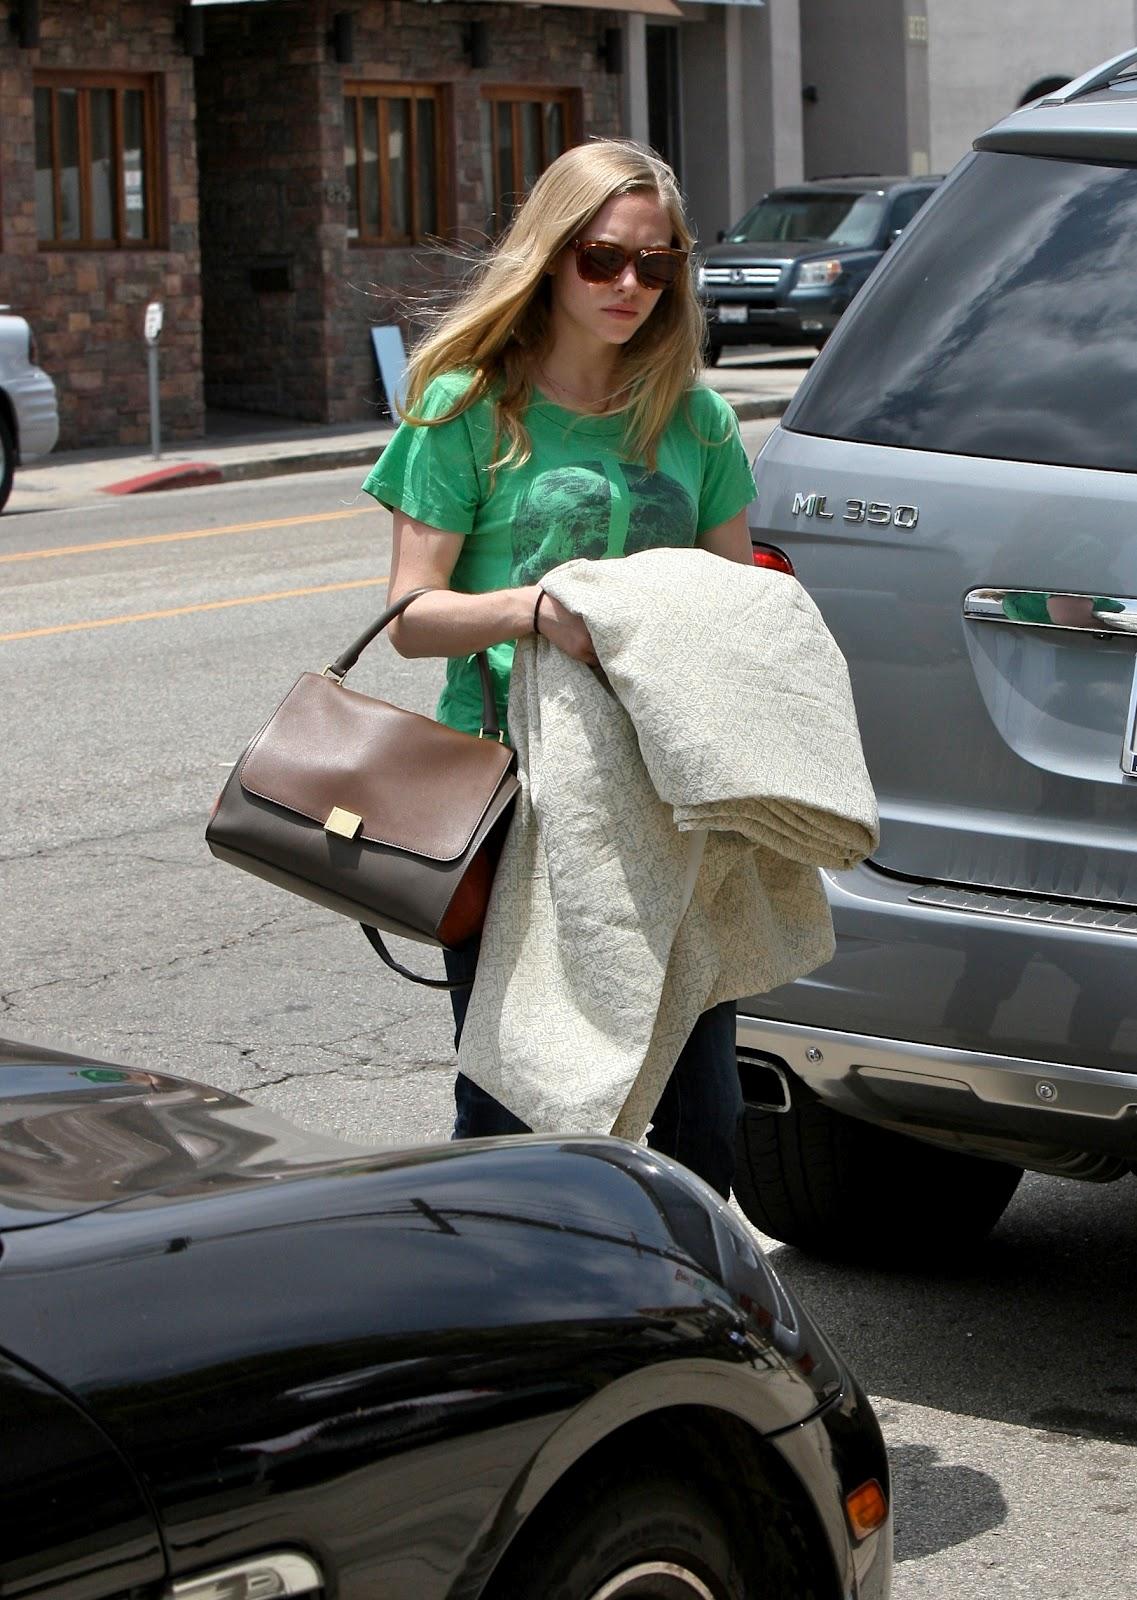 http://1.bp.blogspot.com/-S8Xmb3GnJ-U/T90Wx43OhzI/AAAAAAAAIH4/nuDiOnZJP8I/s1600/Actress+Amanda+Seyfried++at+Furniture+&+Fabrics+store+in+Los+Angeles+-03.jpg